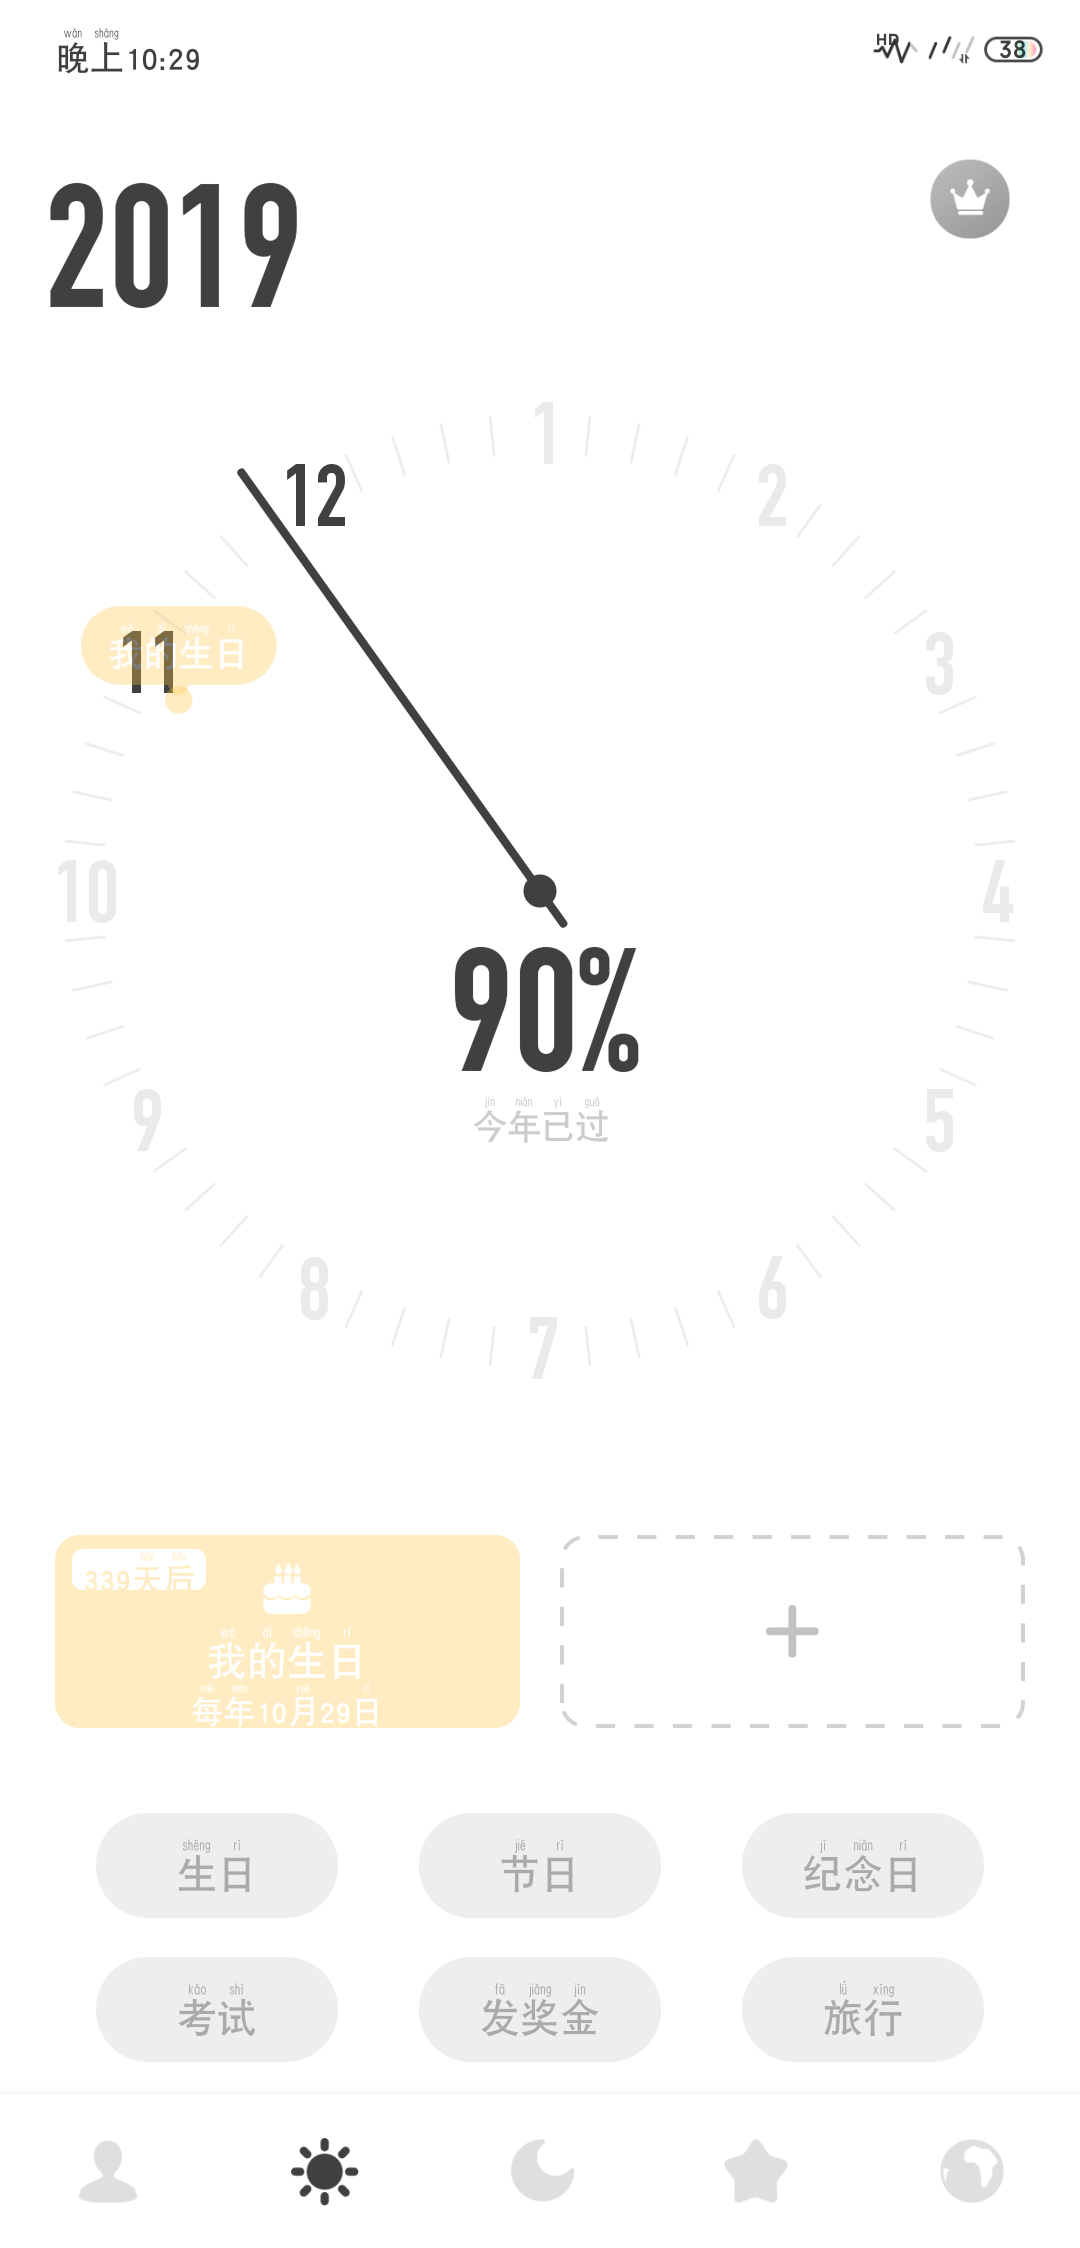 【分享】时光提醒 1.3.0是一款全新交互的倒数日记录工具-爱小助